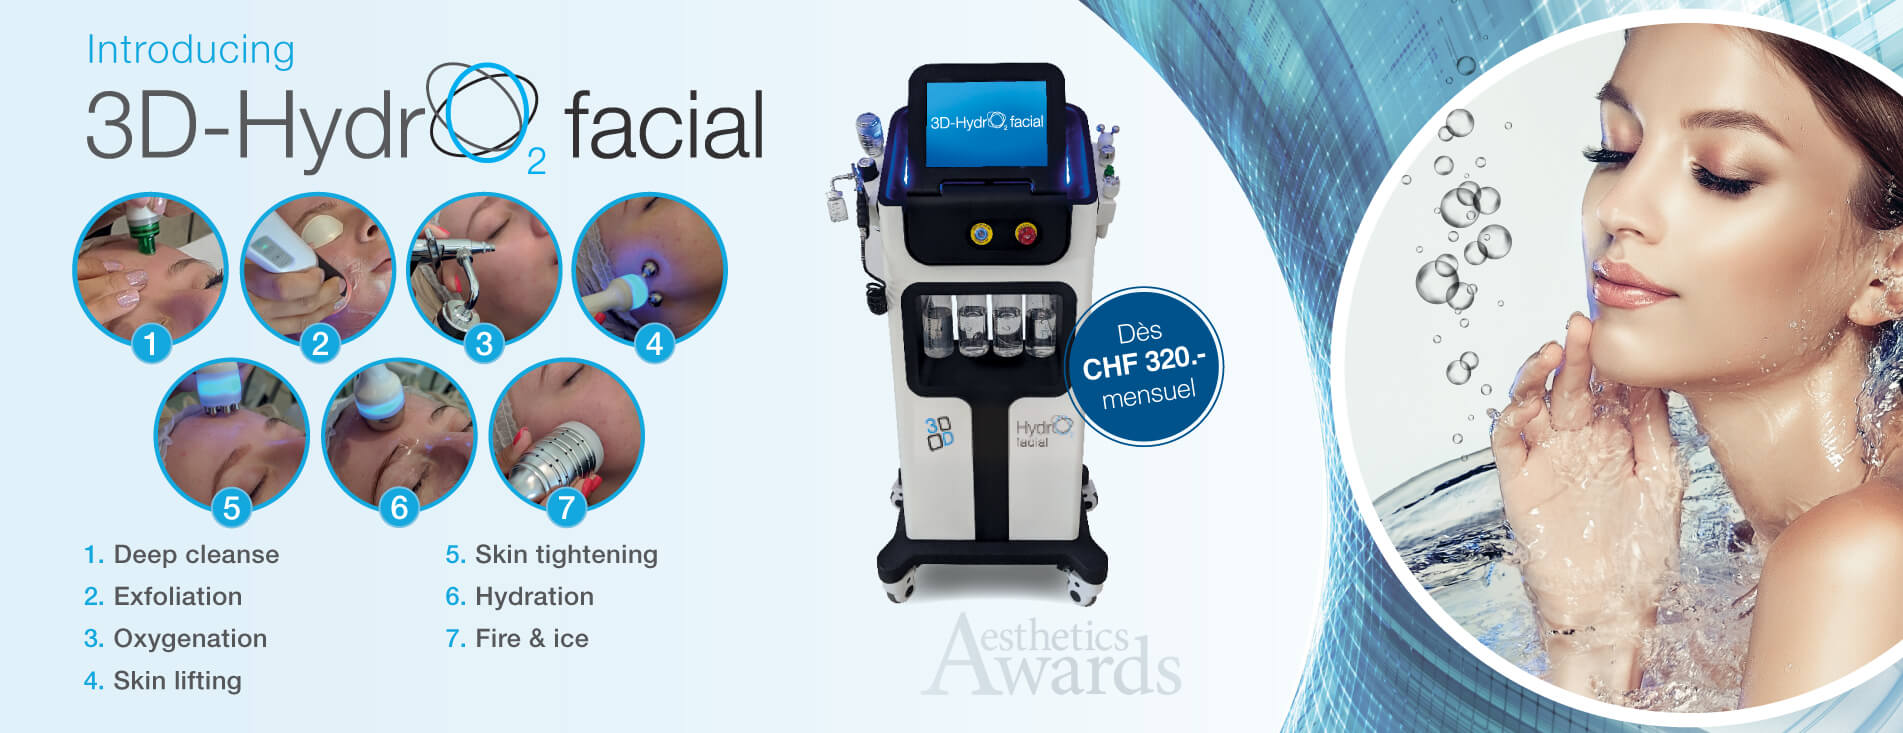 3D Hydr02 Facial FR